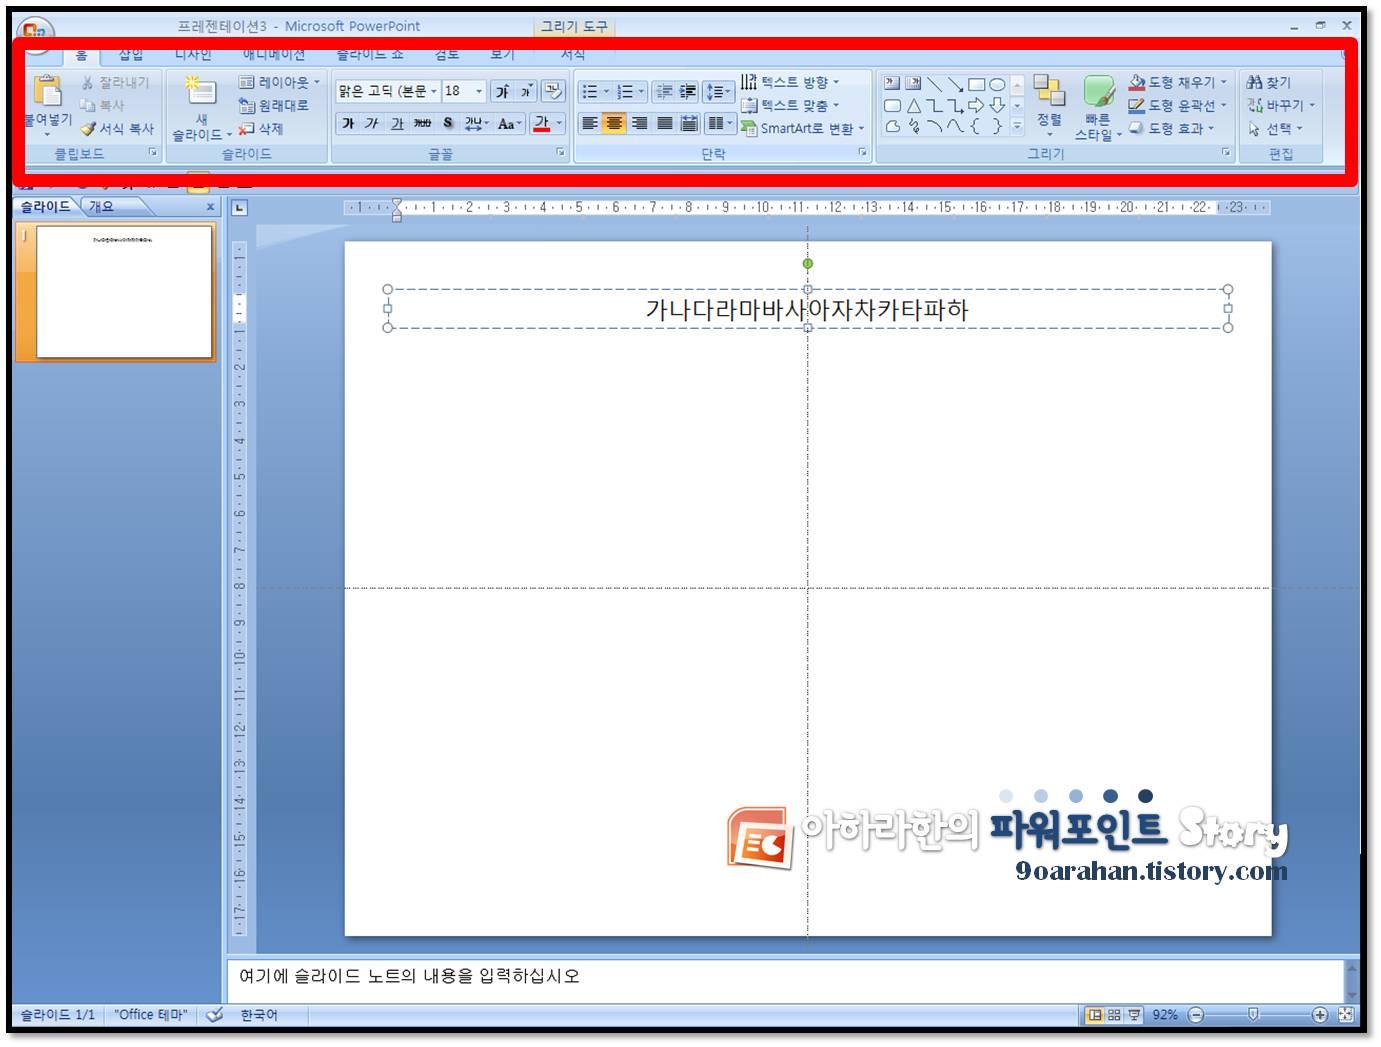 파워포인트 2007 리본메뉴, 파워포인트 빠른 실행 도구